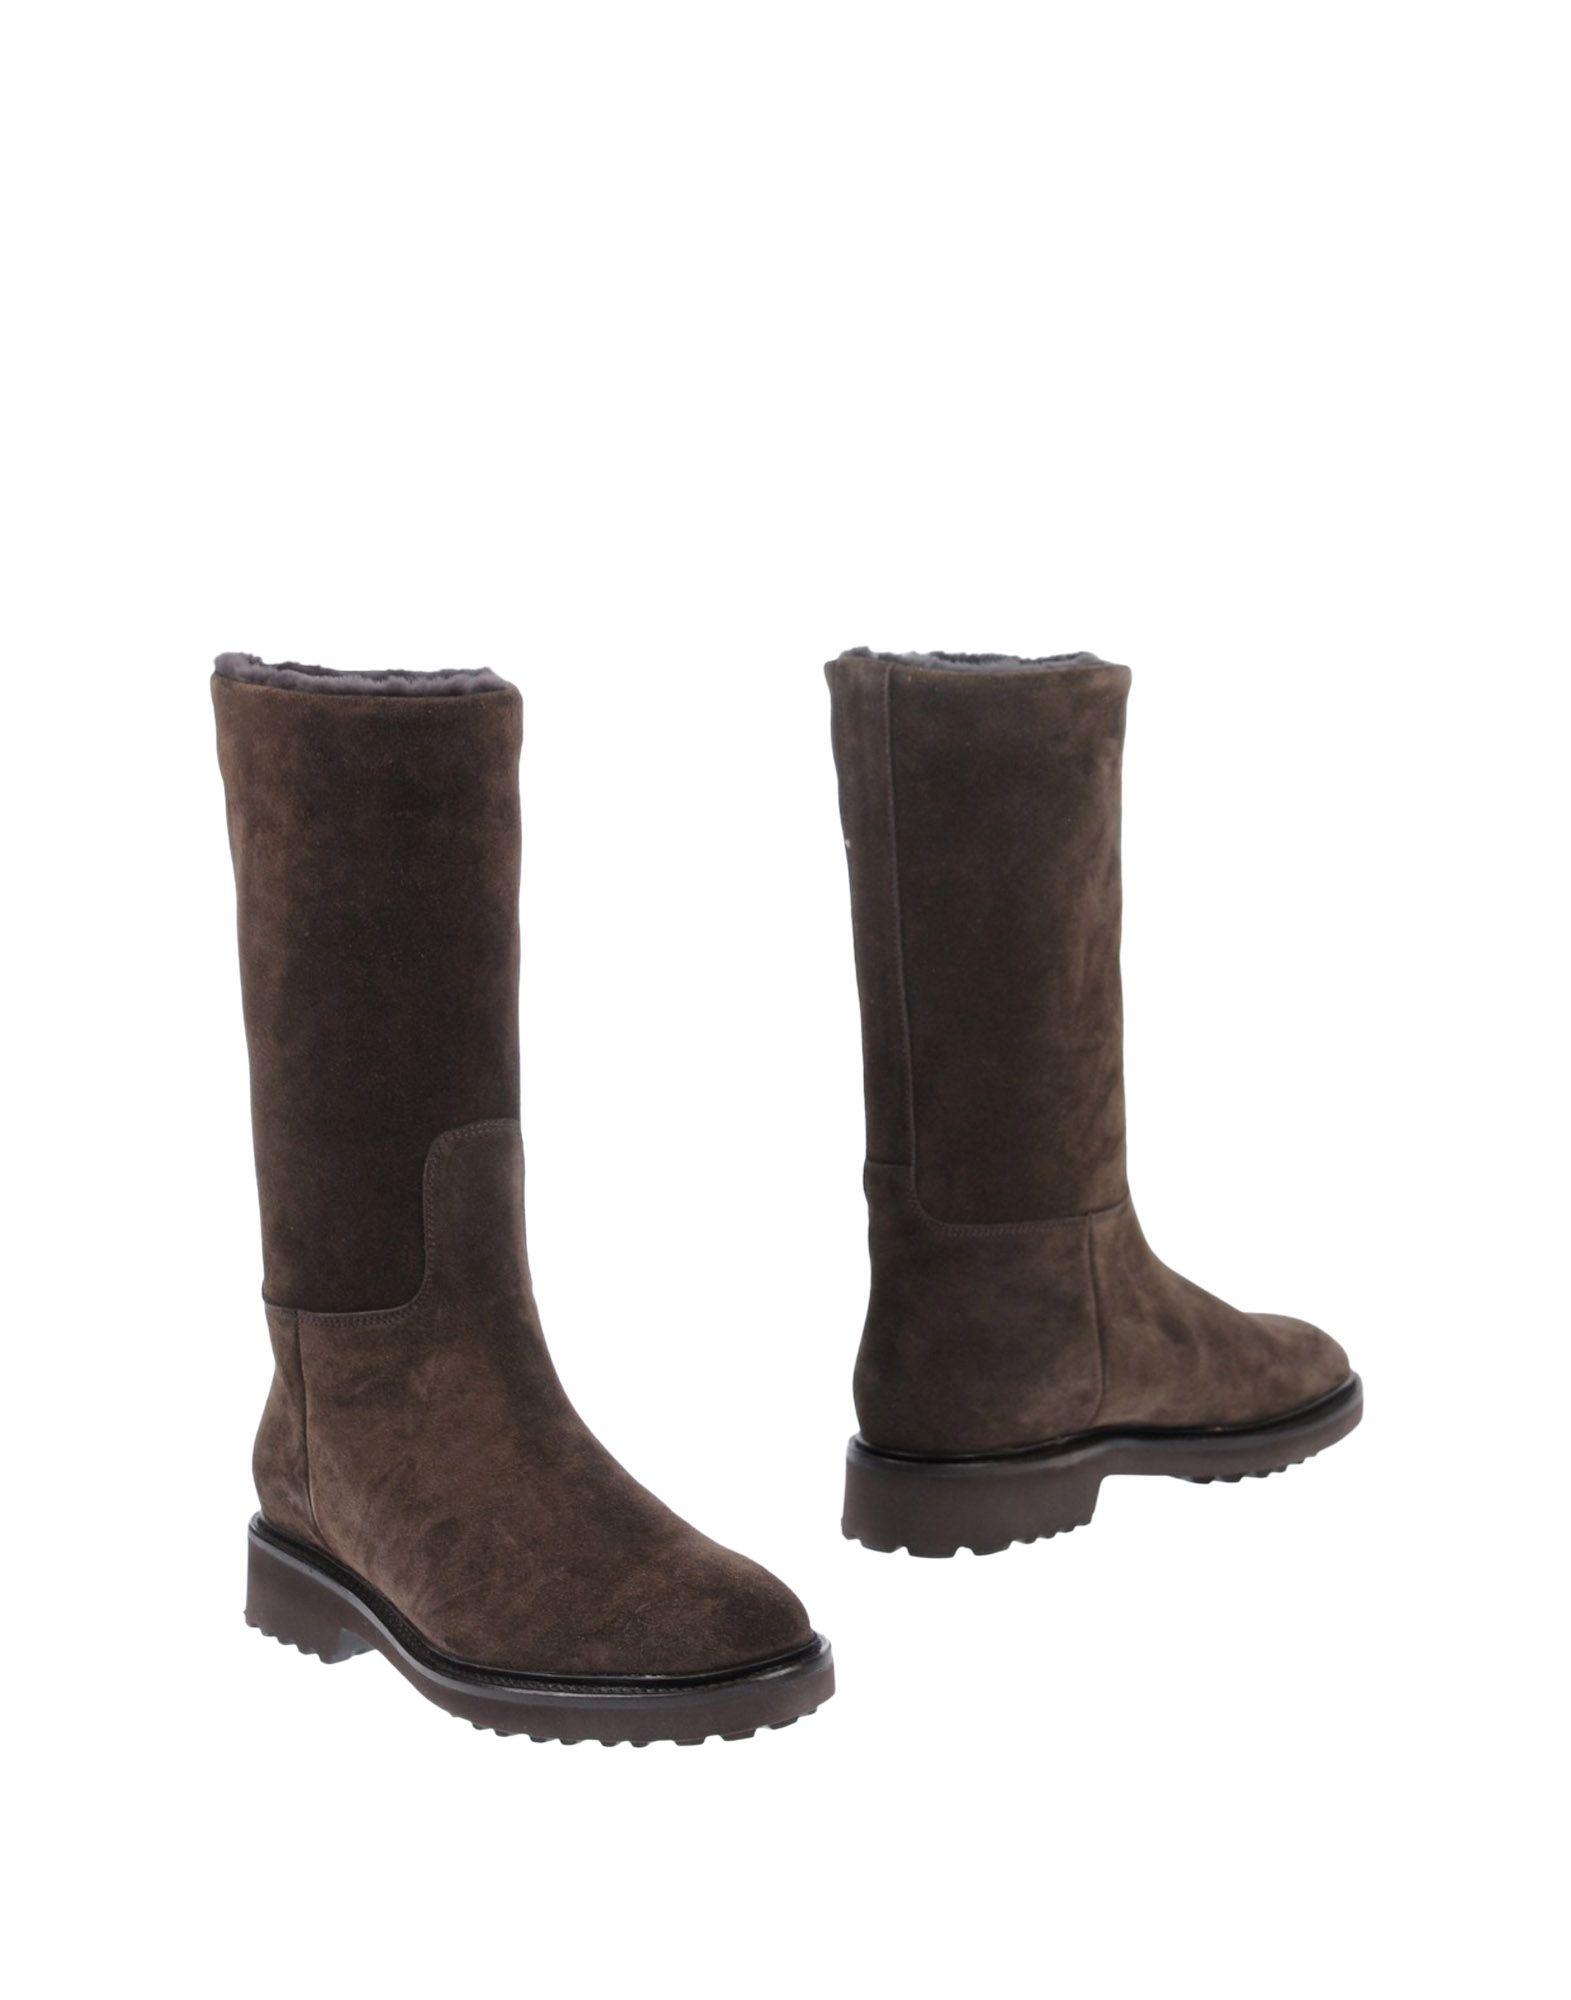 Doucal's Stiefel Damen Preis-Leistungs-Verhältnis, Gutes Preis-Leistungs-Verhältnis, Damen es lohnt sich 05ea4b